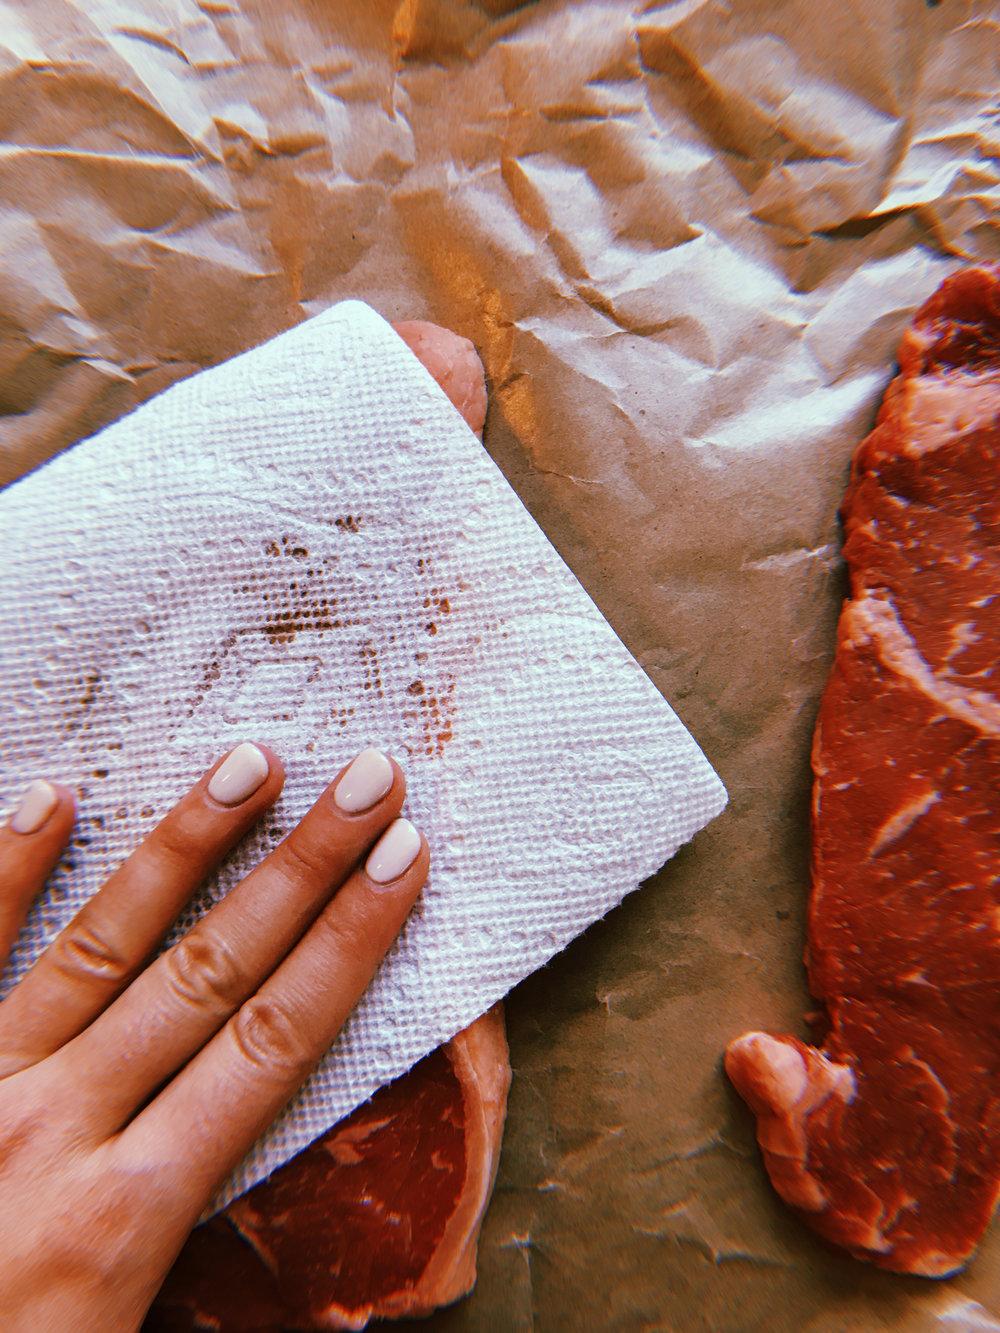 Steak-Process_1.jpg